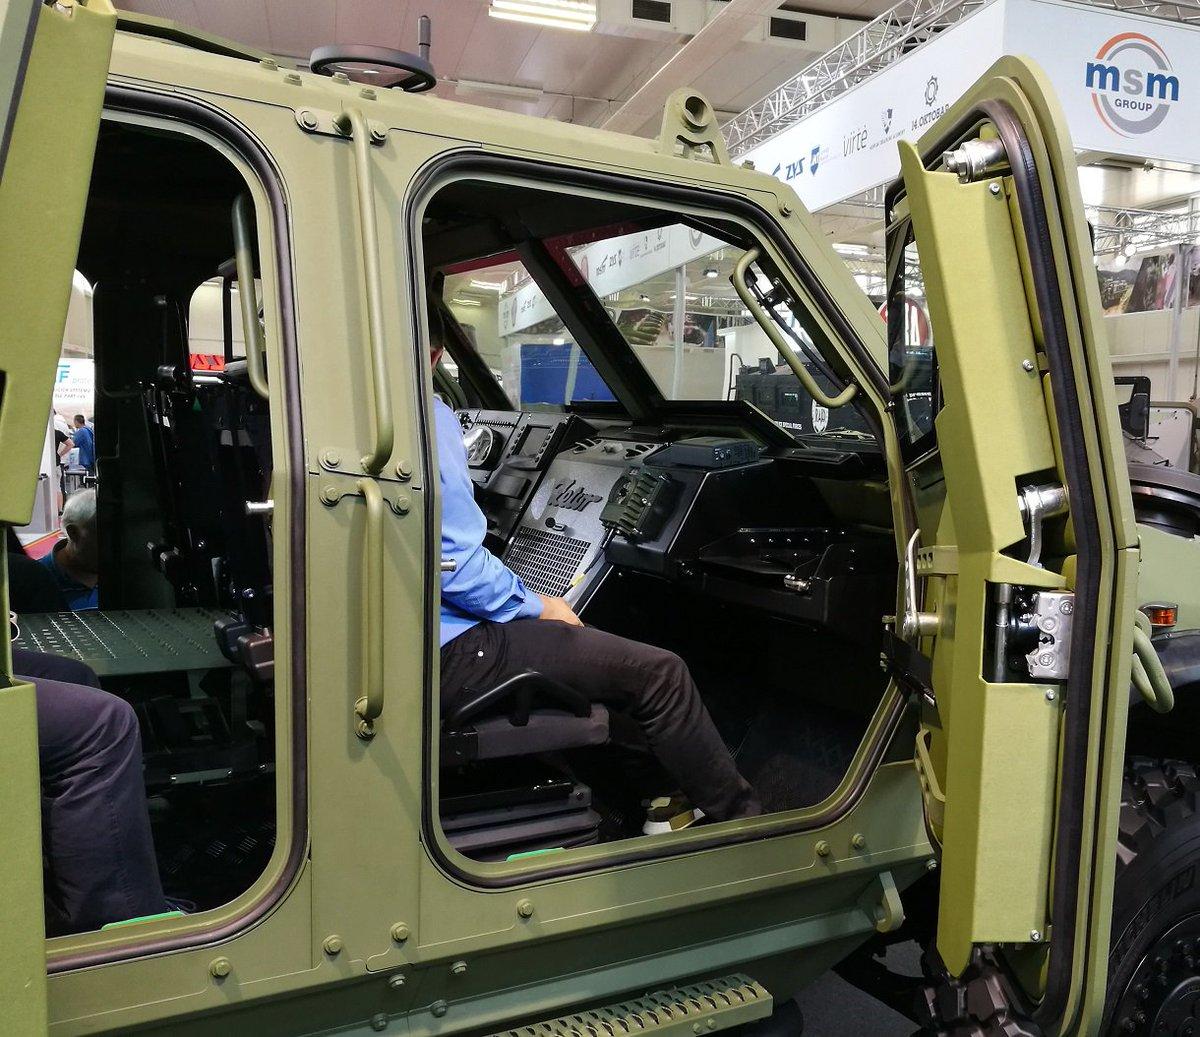 شركة Zetor الهندسيه التشيكيه تكشف عن العربه المدرعه  Gerlach  DdoayvkU8AAjIxk